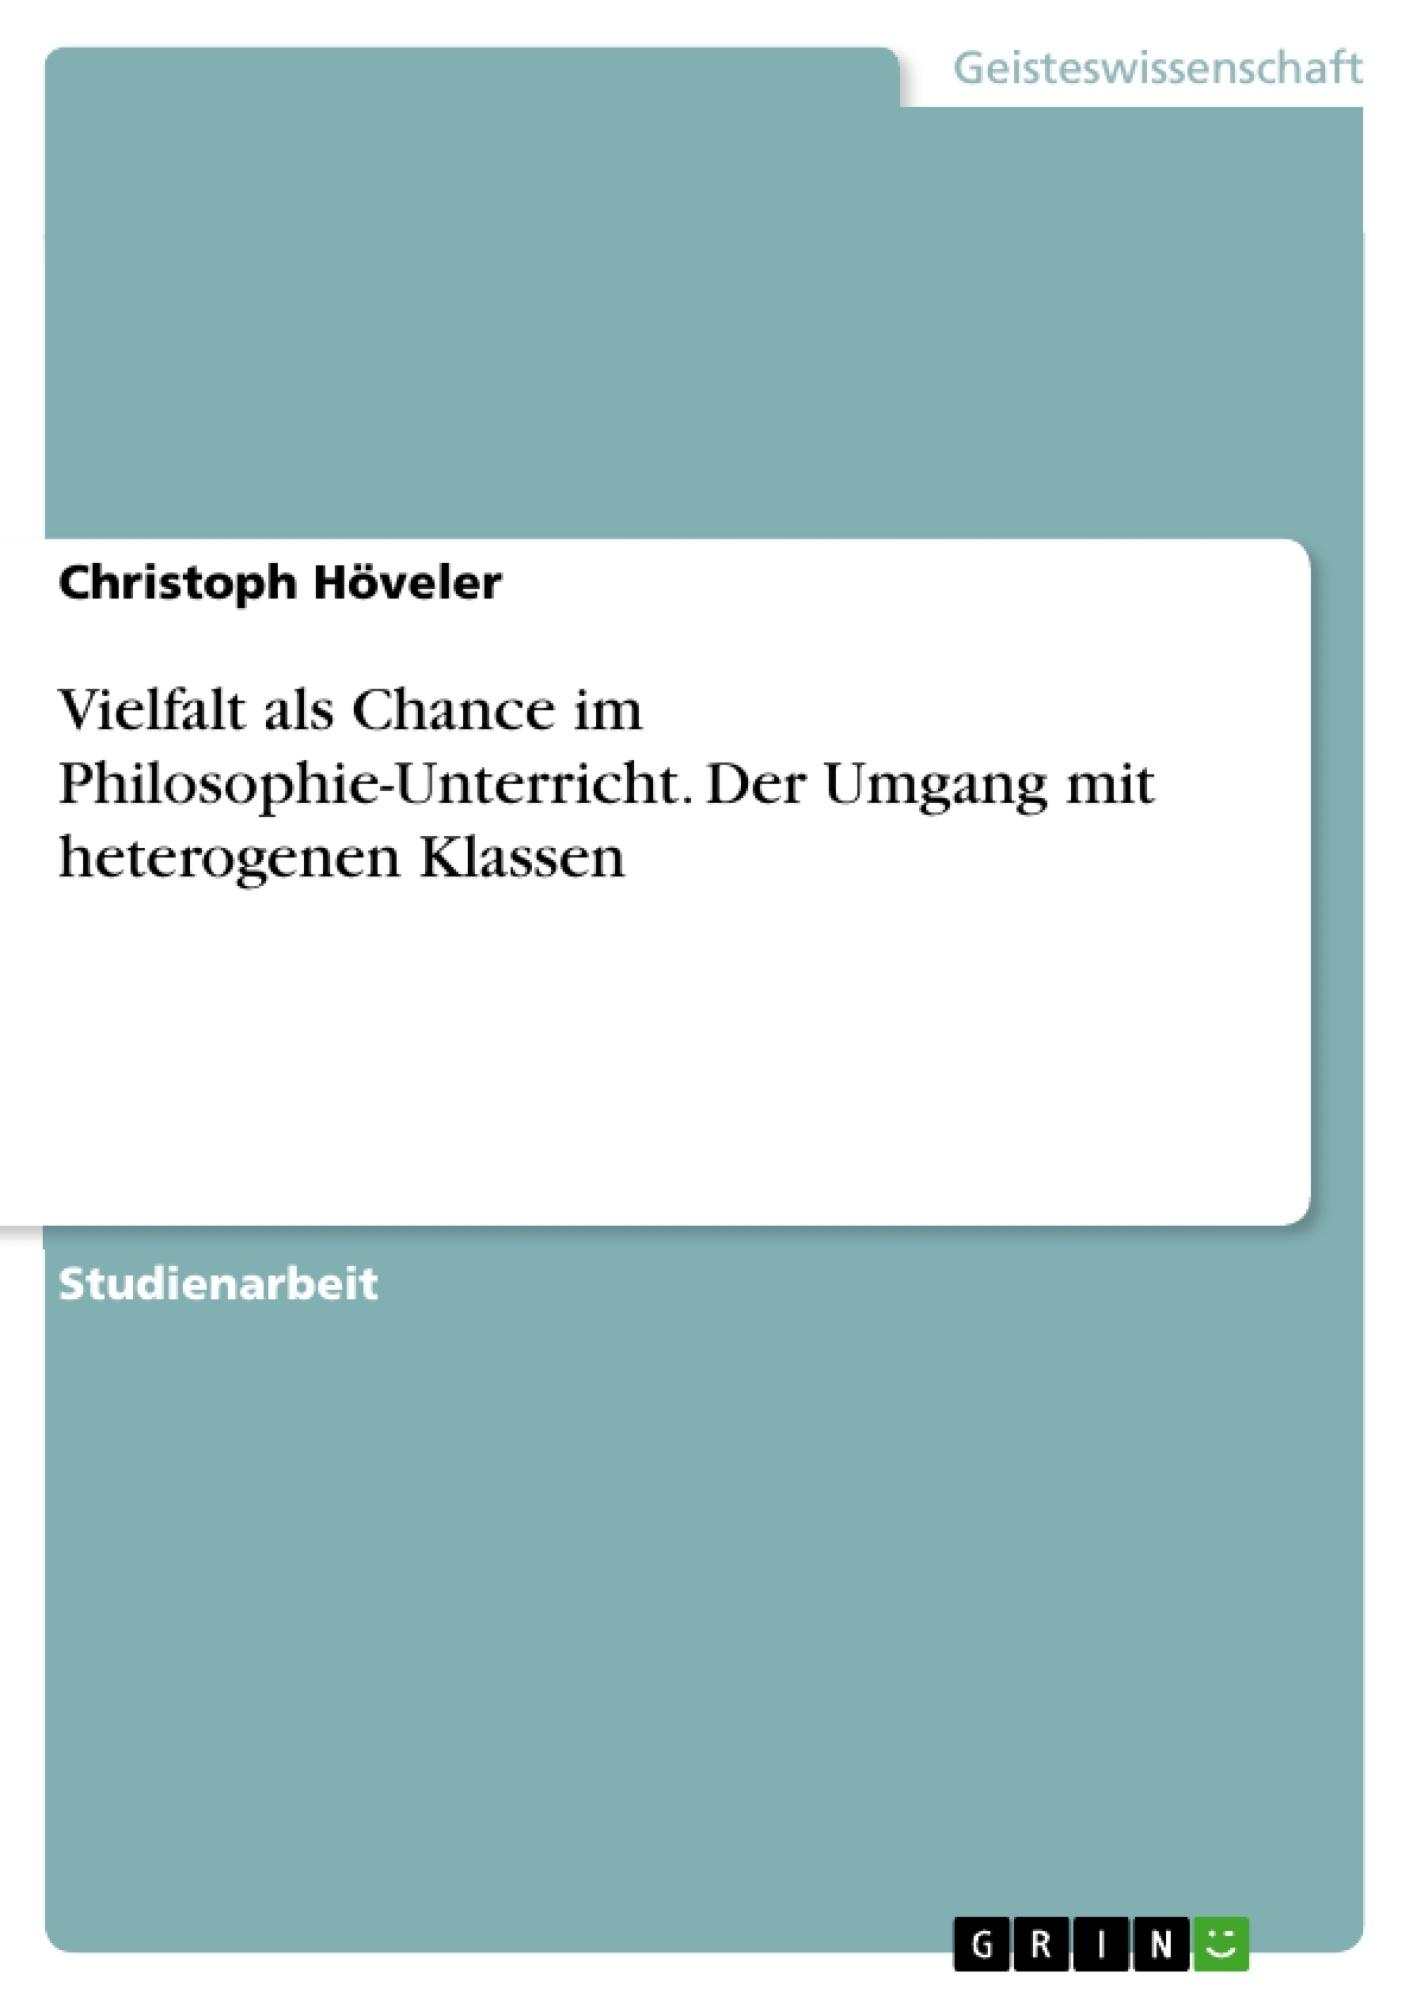 Titel: Vielfalt als Chance im Philosophie-Unterricht. Der Umgang mit heterogenen Klassen